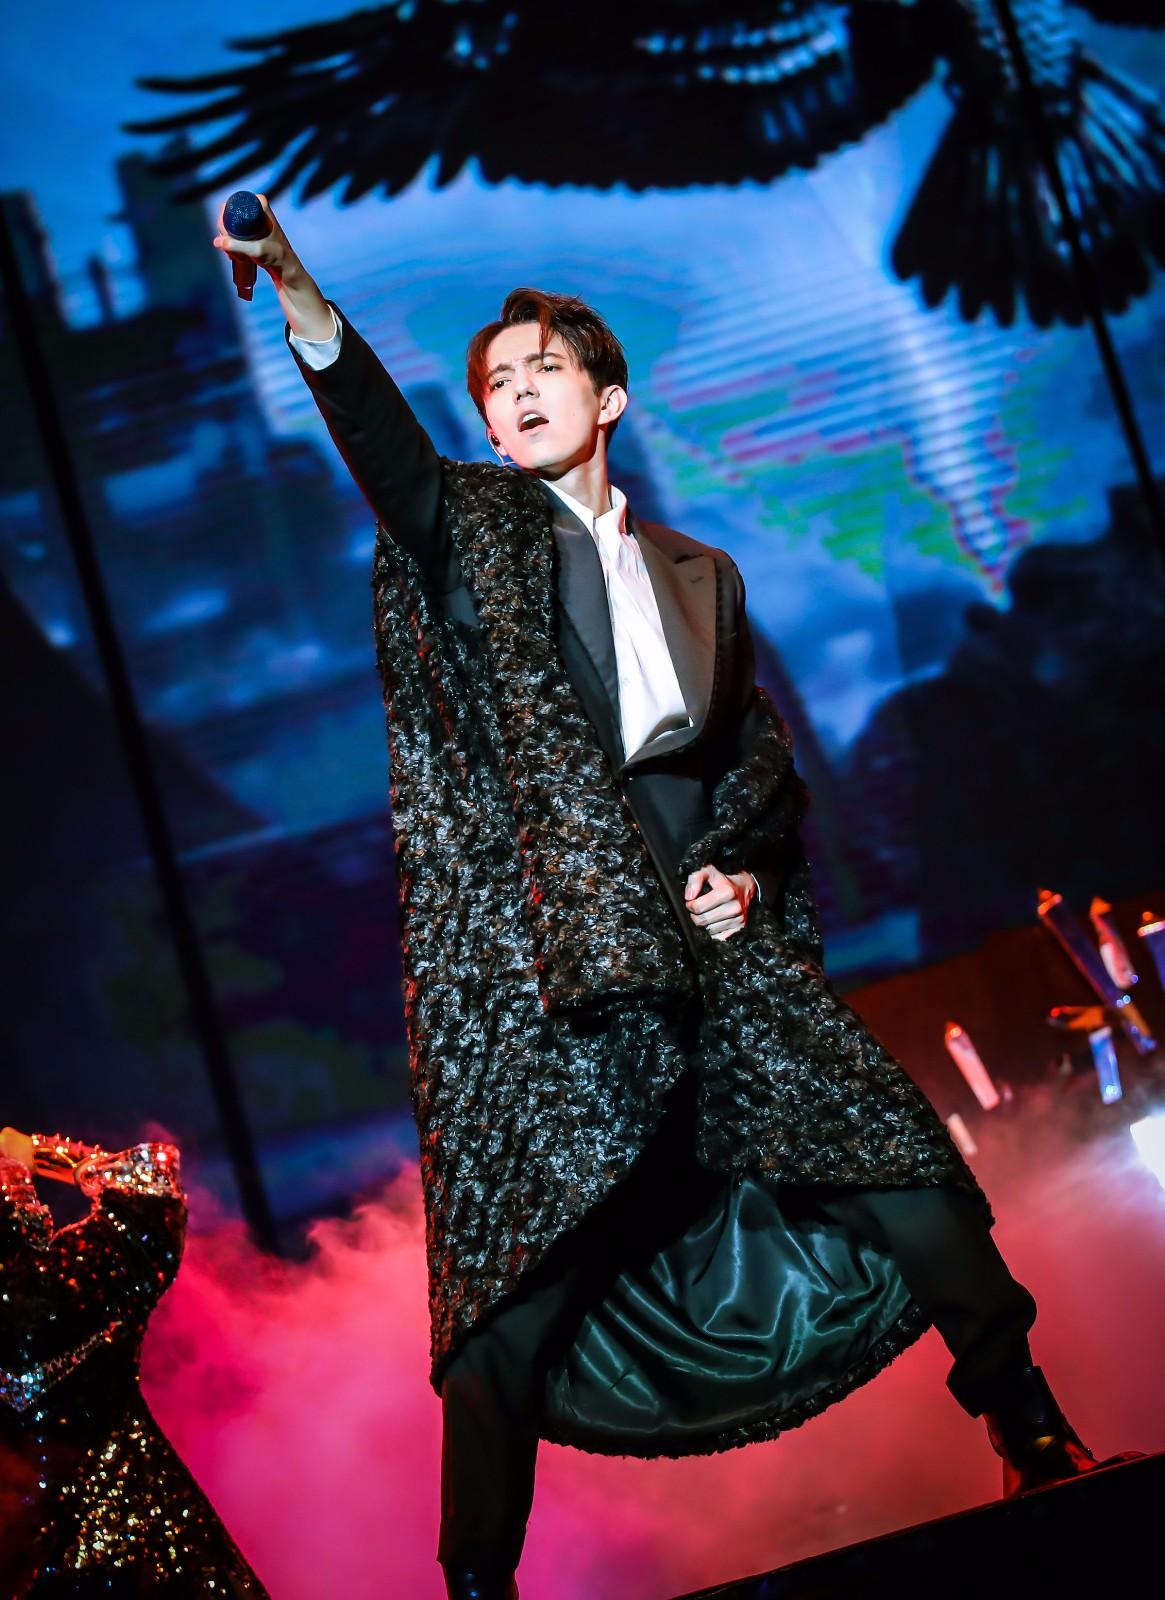 迪玛希D时代巡演深圳站完美落幕 顶级舞美升级歌单开启专属D时代